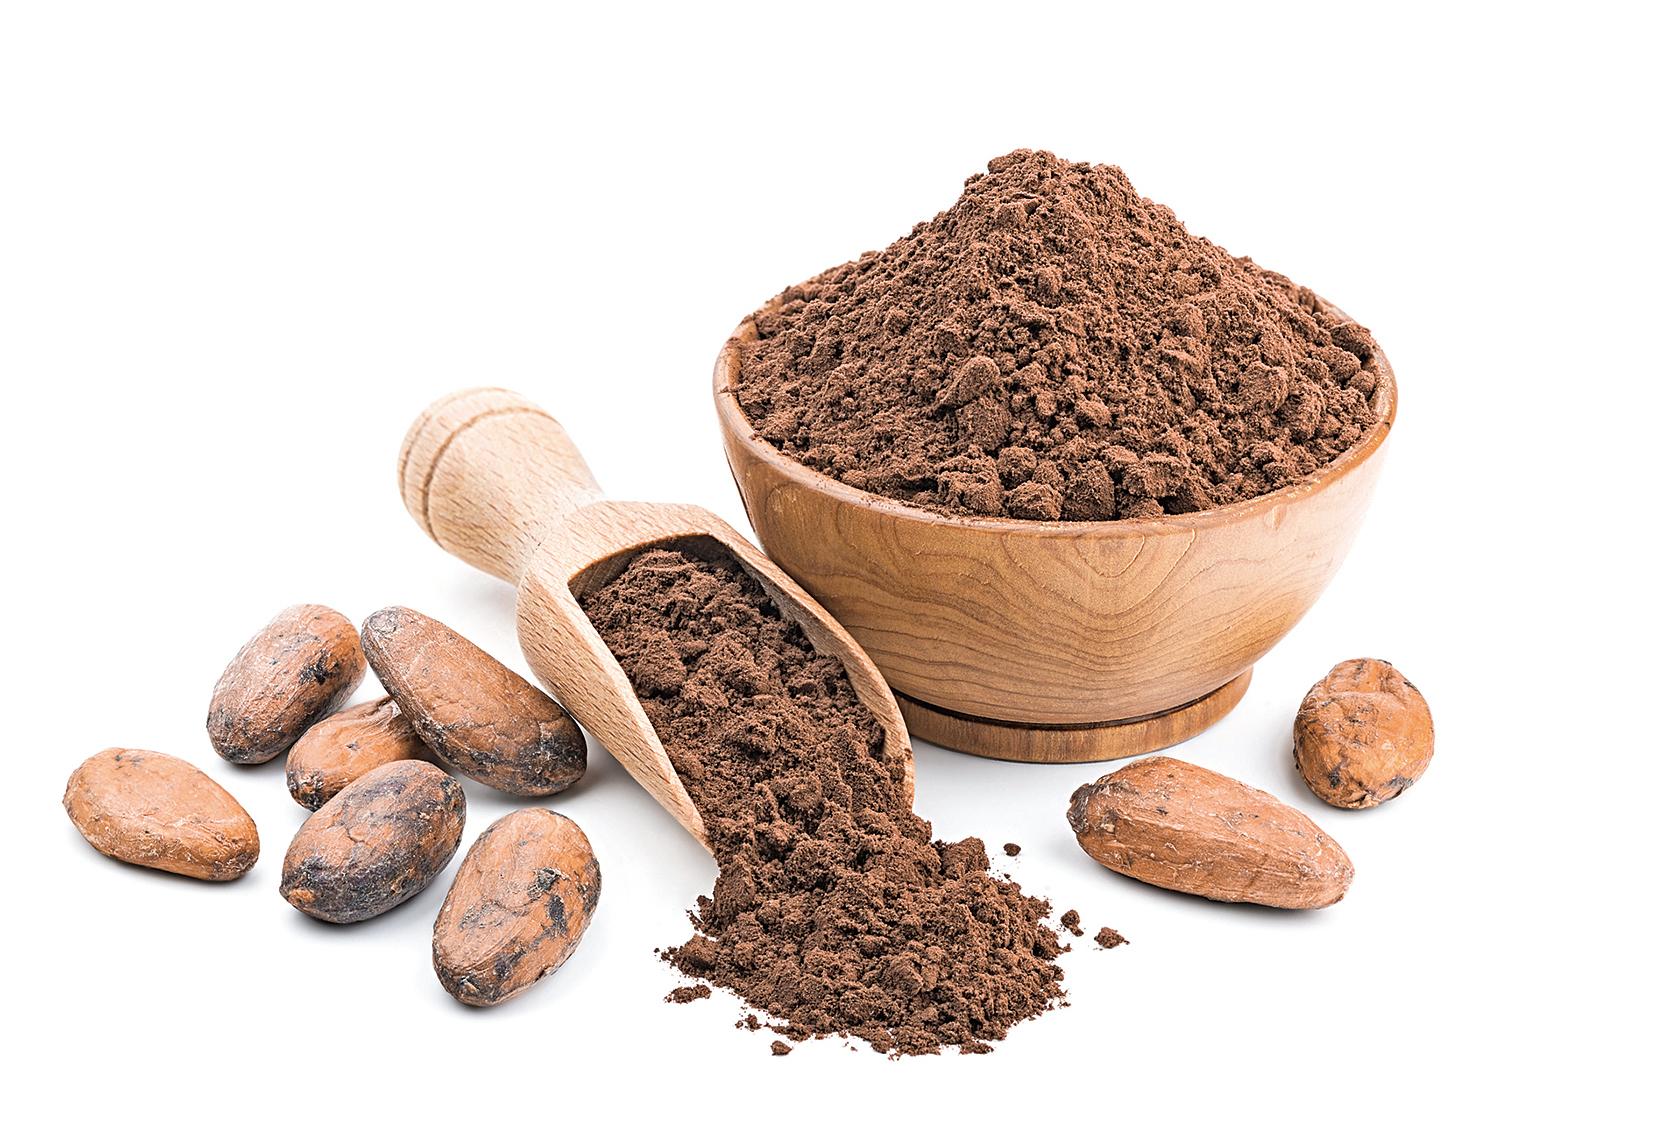 可可能夠製成可可粉,跟朱古力一樣含有類黃酮。